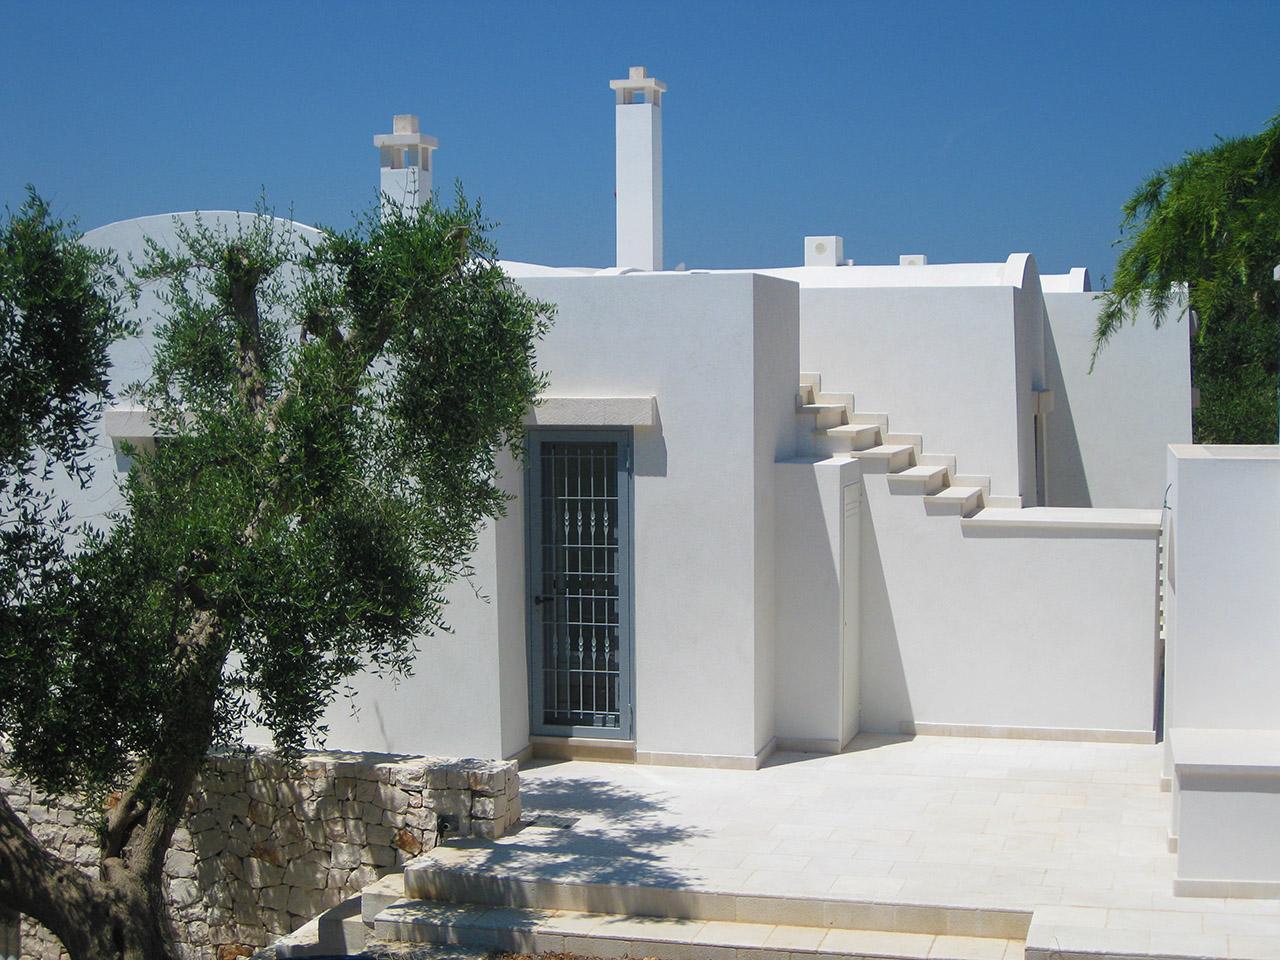 costruzioni restauri sirio ostuni residenza privata peraro ostuni img 6735